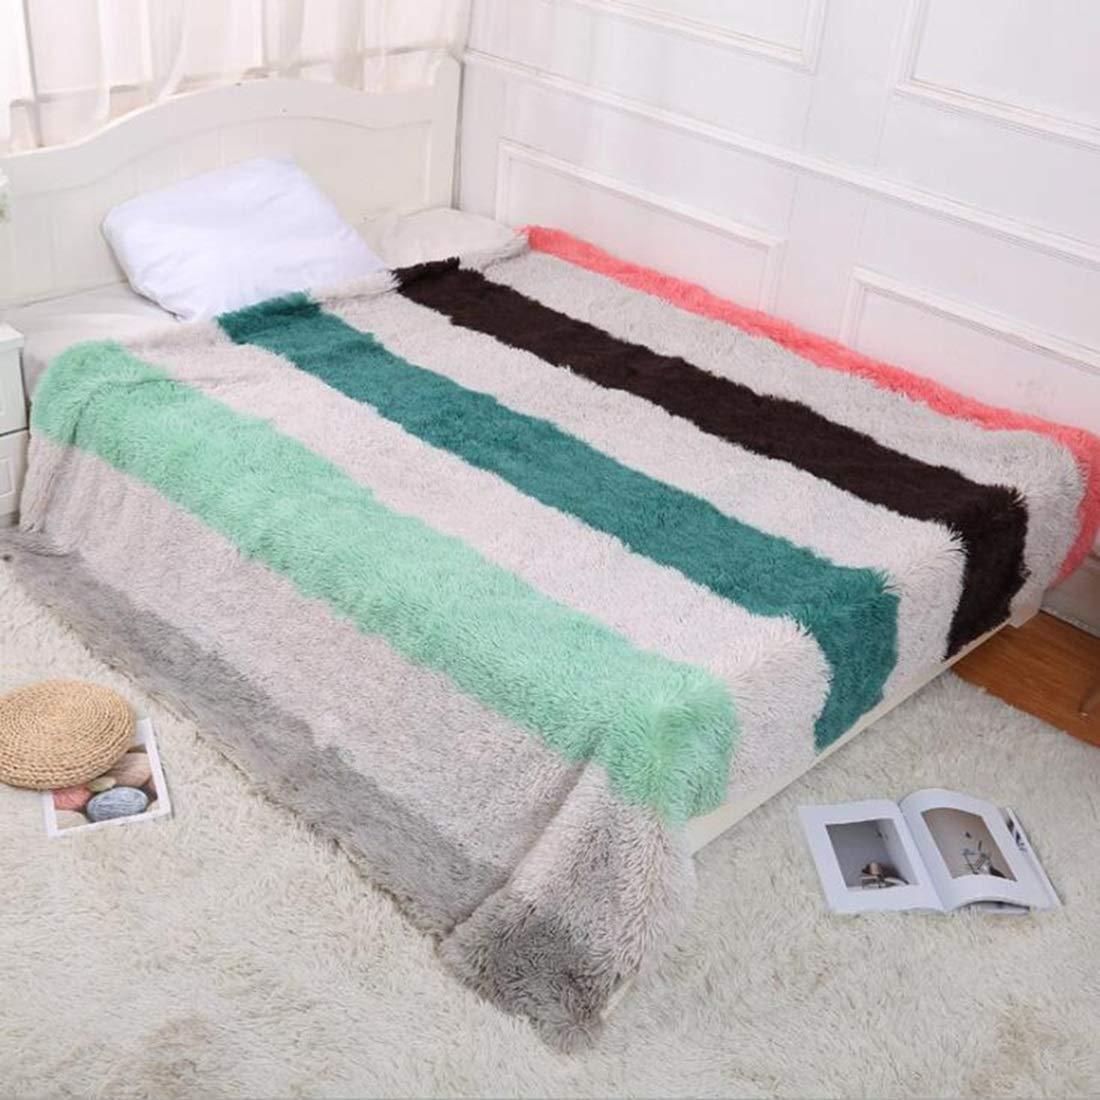 Yunyilian ソファのベッドのリビングルームのための毛布二層フランネルぬいぐるみスーパーソフト居心地の良い暖かいを投げる (Color : Gray Stripes, サイズ : 63